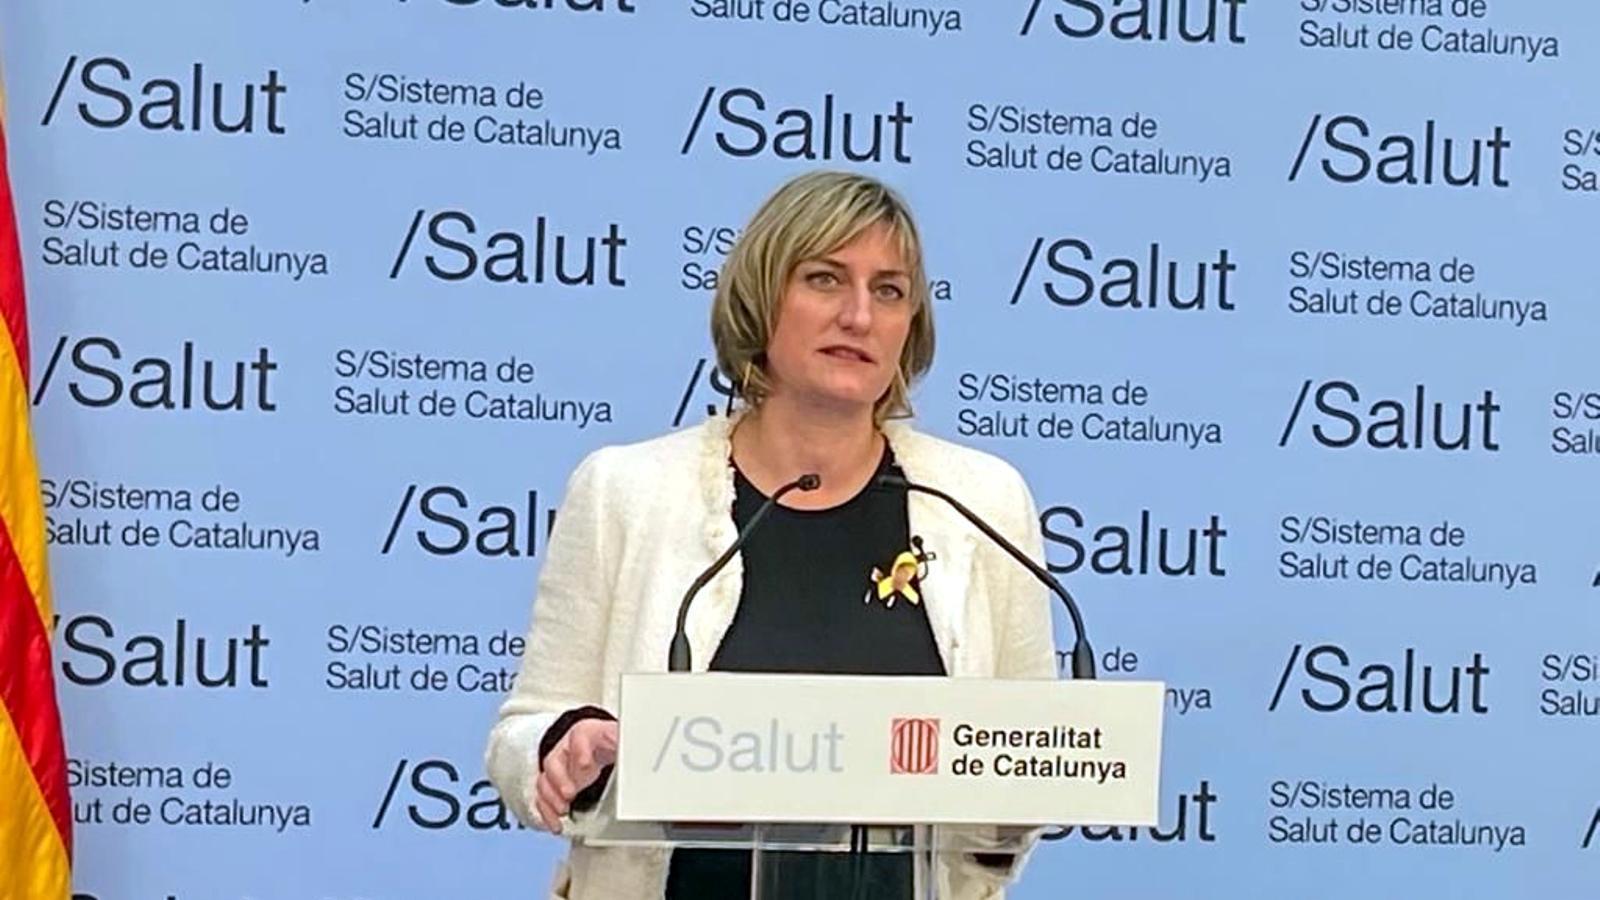 La consellera de Salut, Alba Vergés, en la roda de premsa per informar de l'evolució de la pandèmia de coronavirus